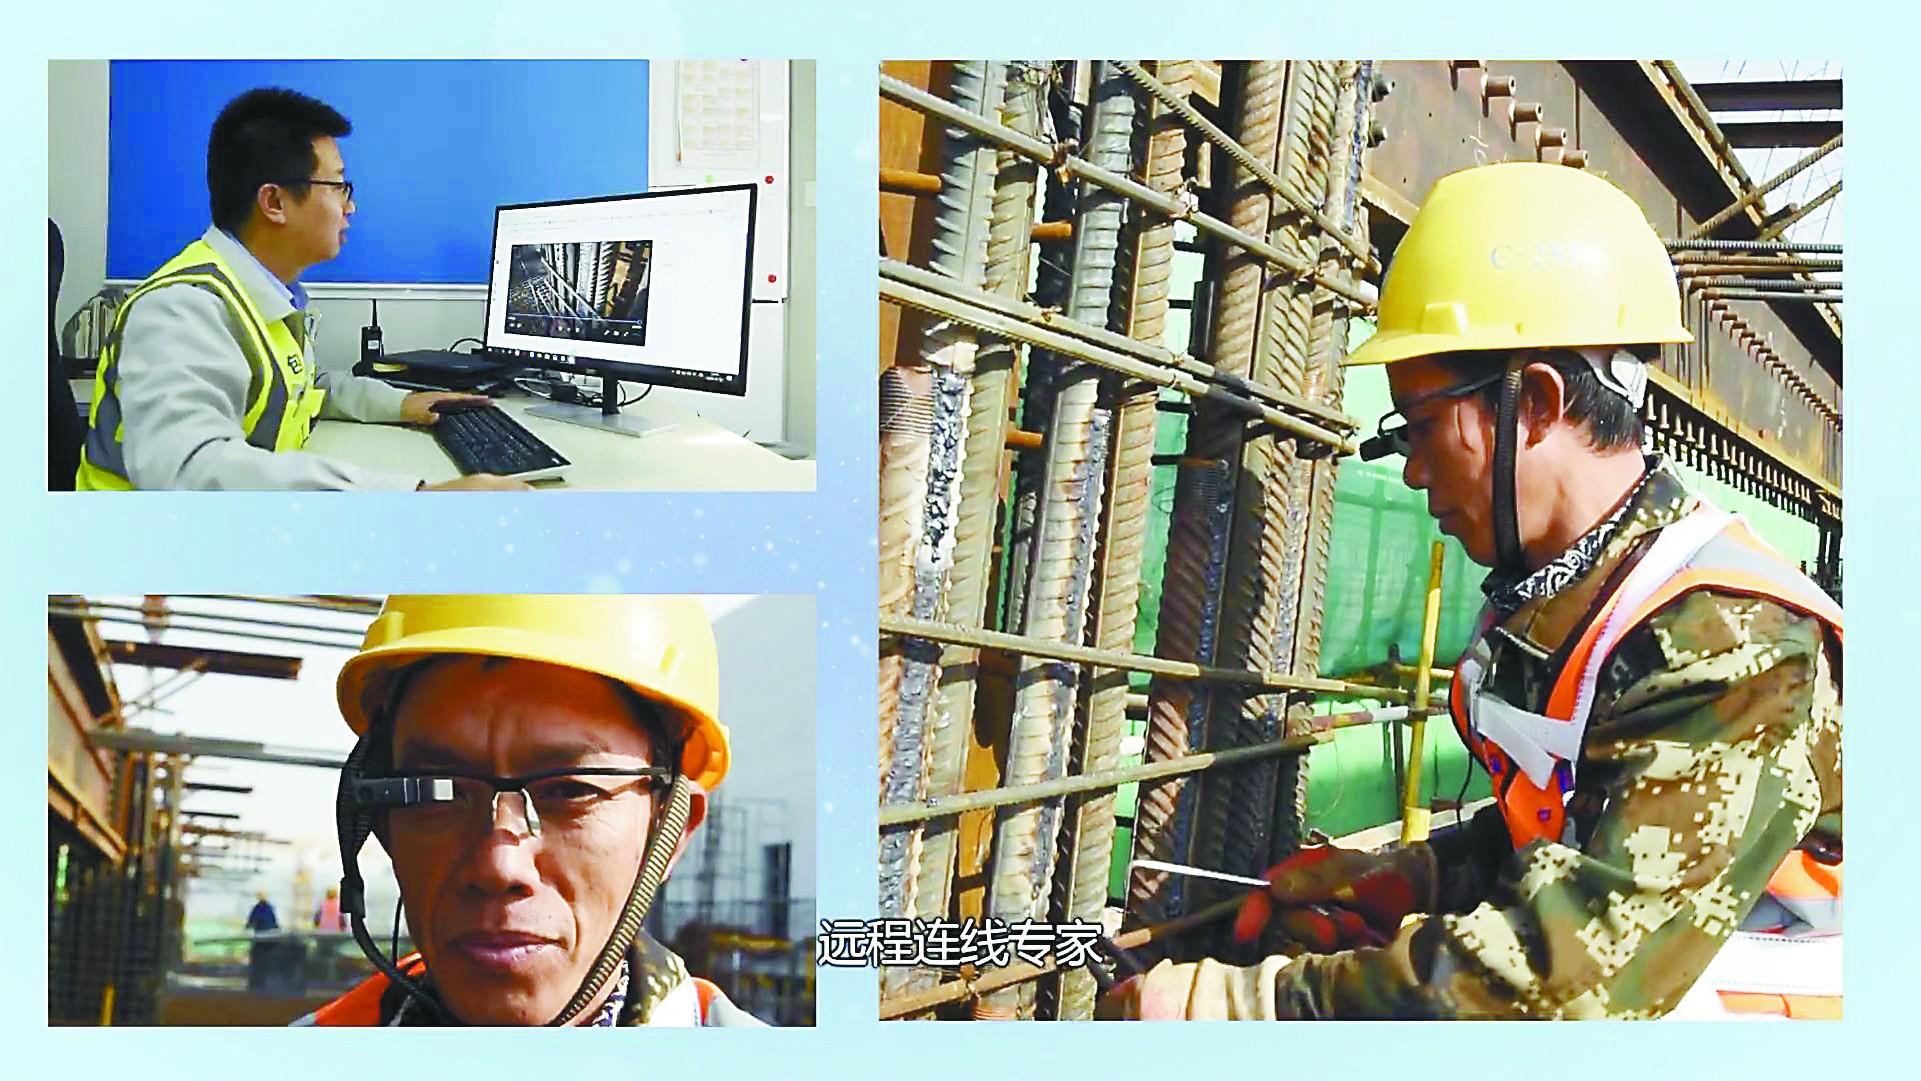 在5G智慧工地,一线工人可通过AR眼镜,远程连线专家。